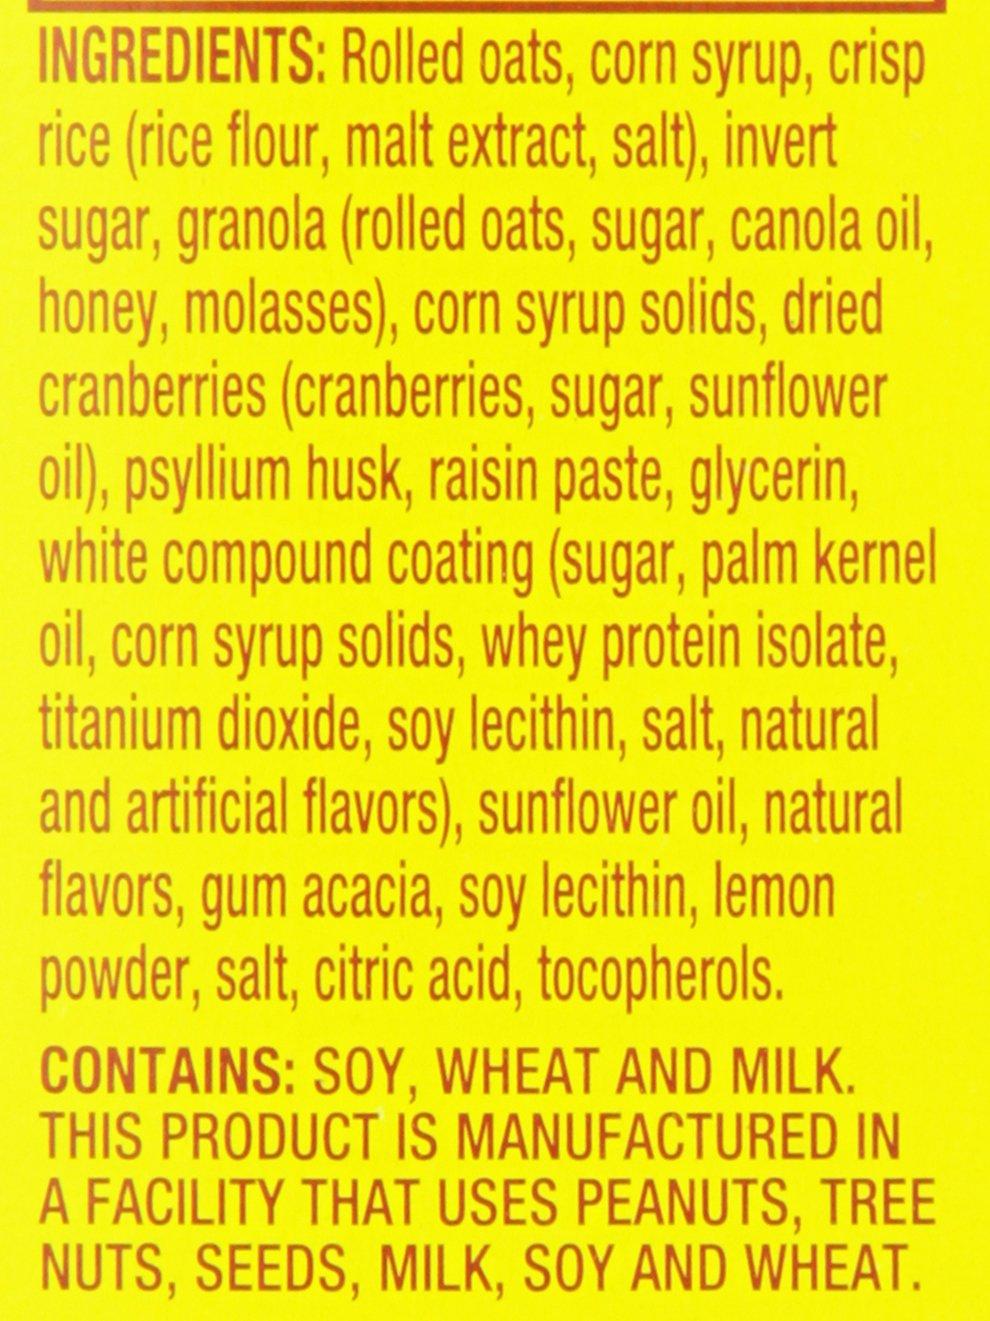 Ingredients in meta health bars - Amazon Com Meta Health Fiber Bar 100 Natural Psyllium Husk Cranberry Lemon Drizzle 6 Bars Health Personal Care